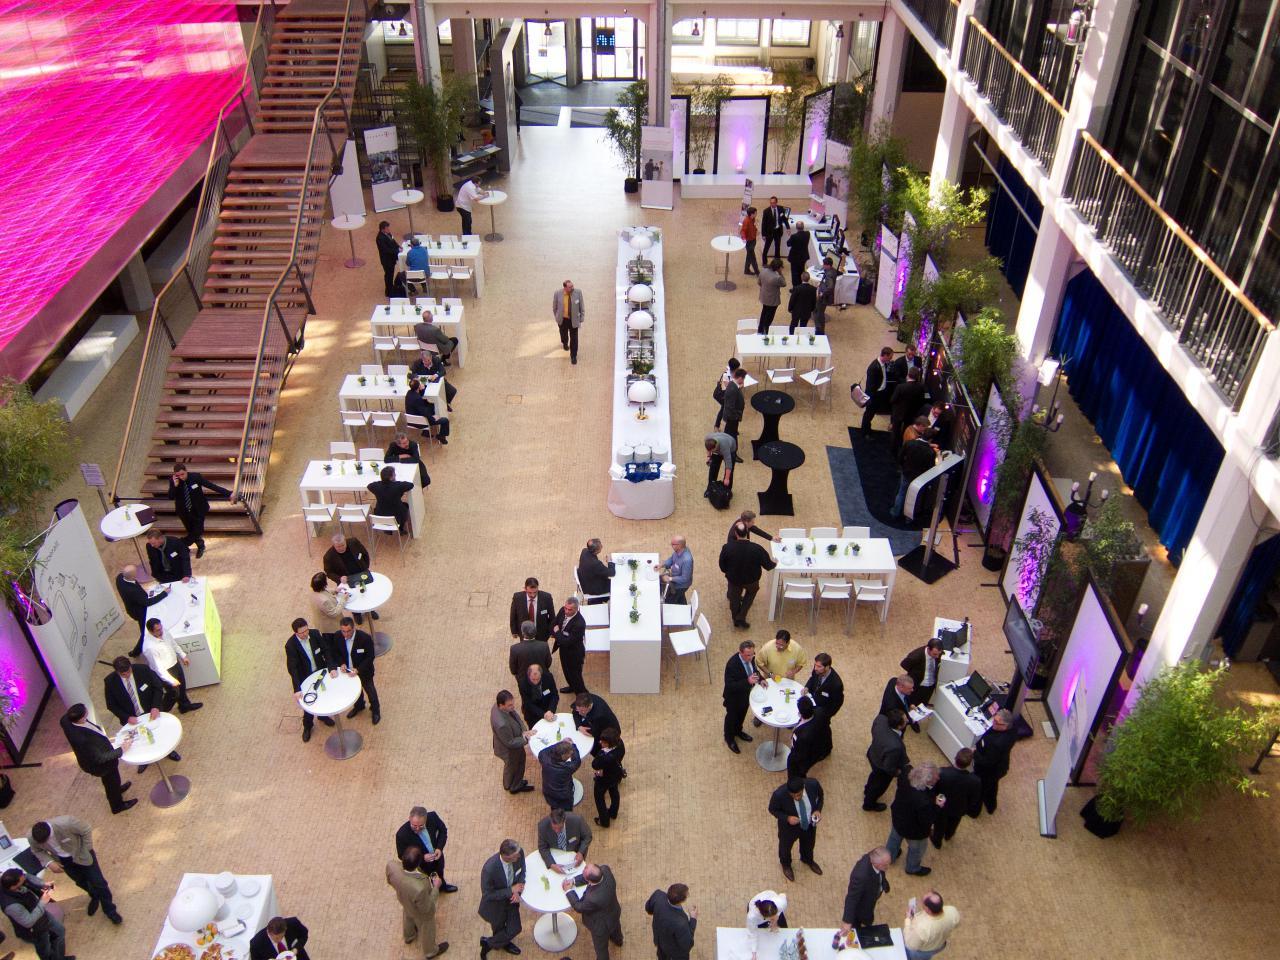 Das ZKM_Foyer mit Buffet und Stehtischen